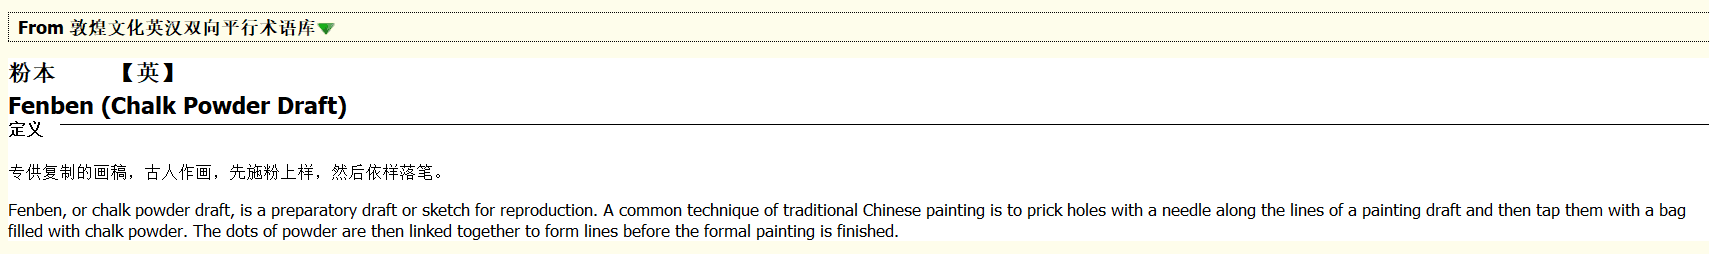 敦煌文化汉英术语库